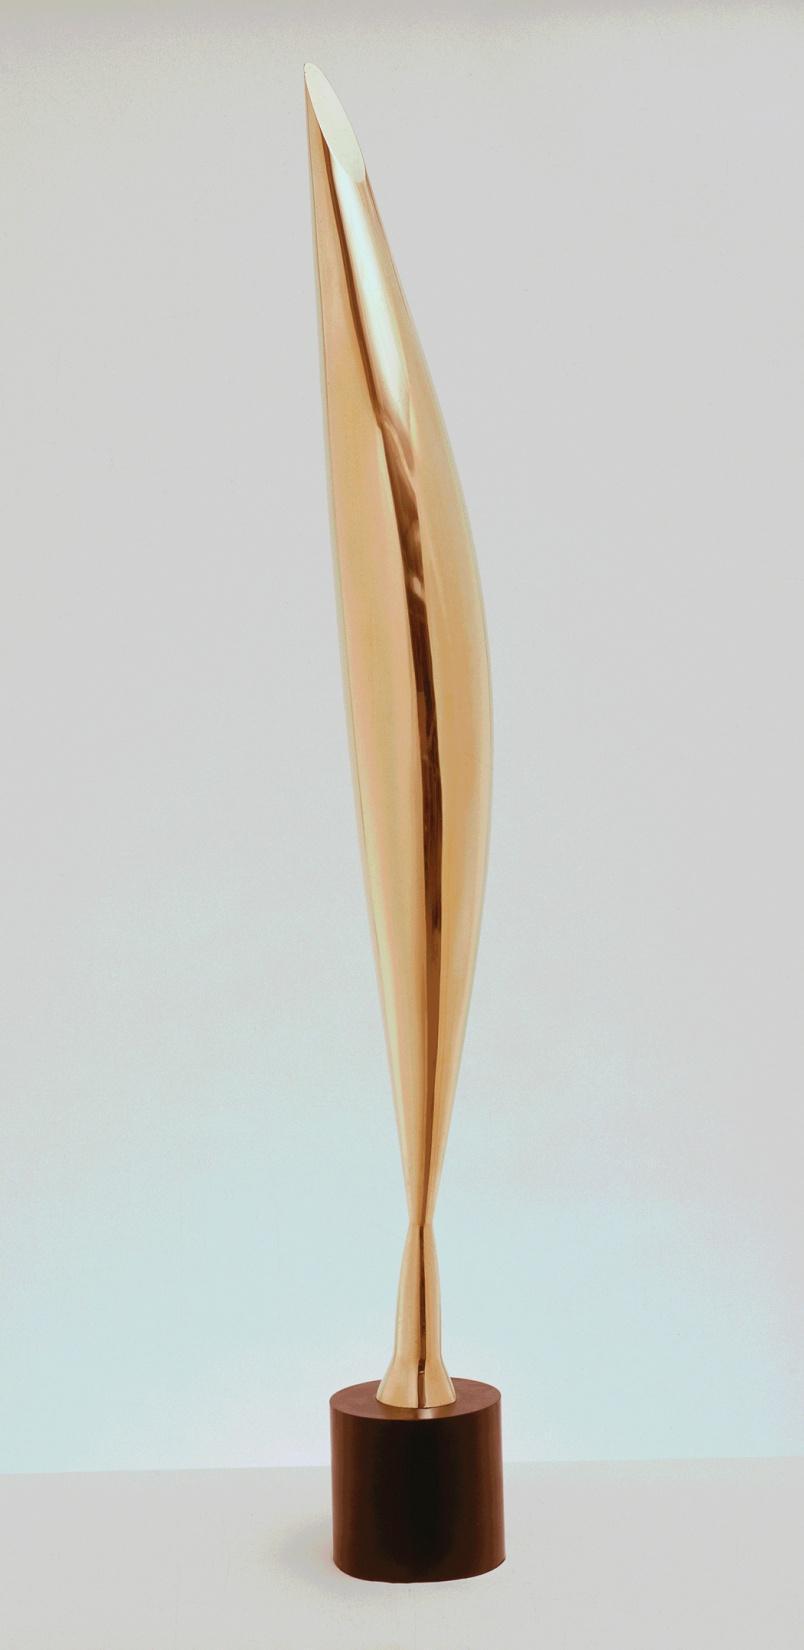 Constantin Brancusi, Bird in Space